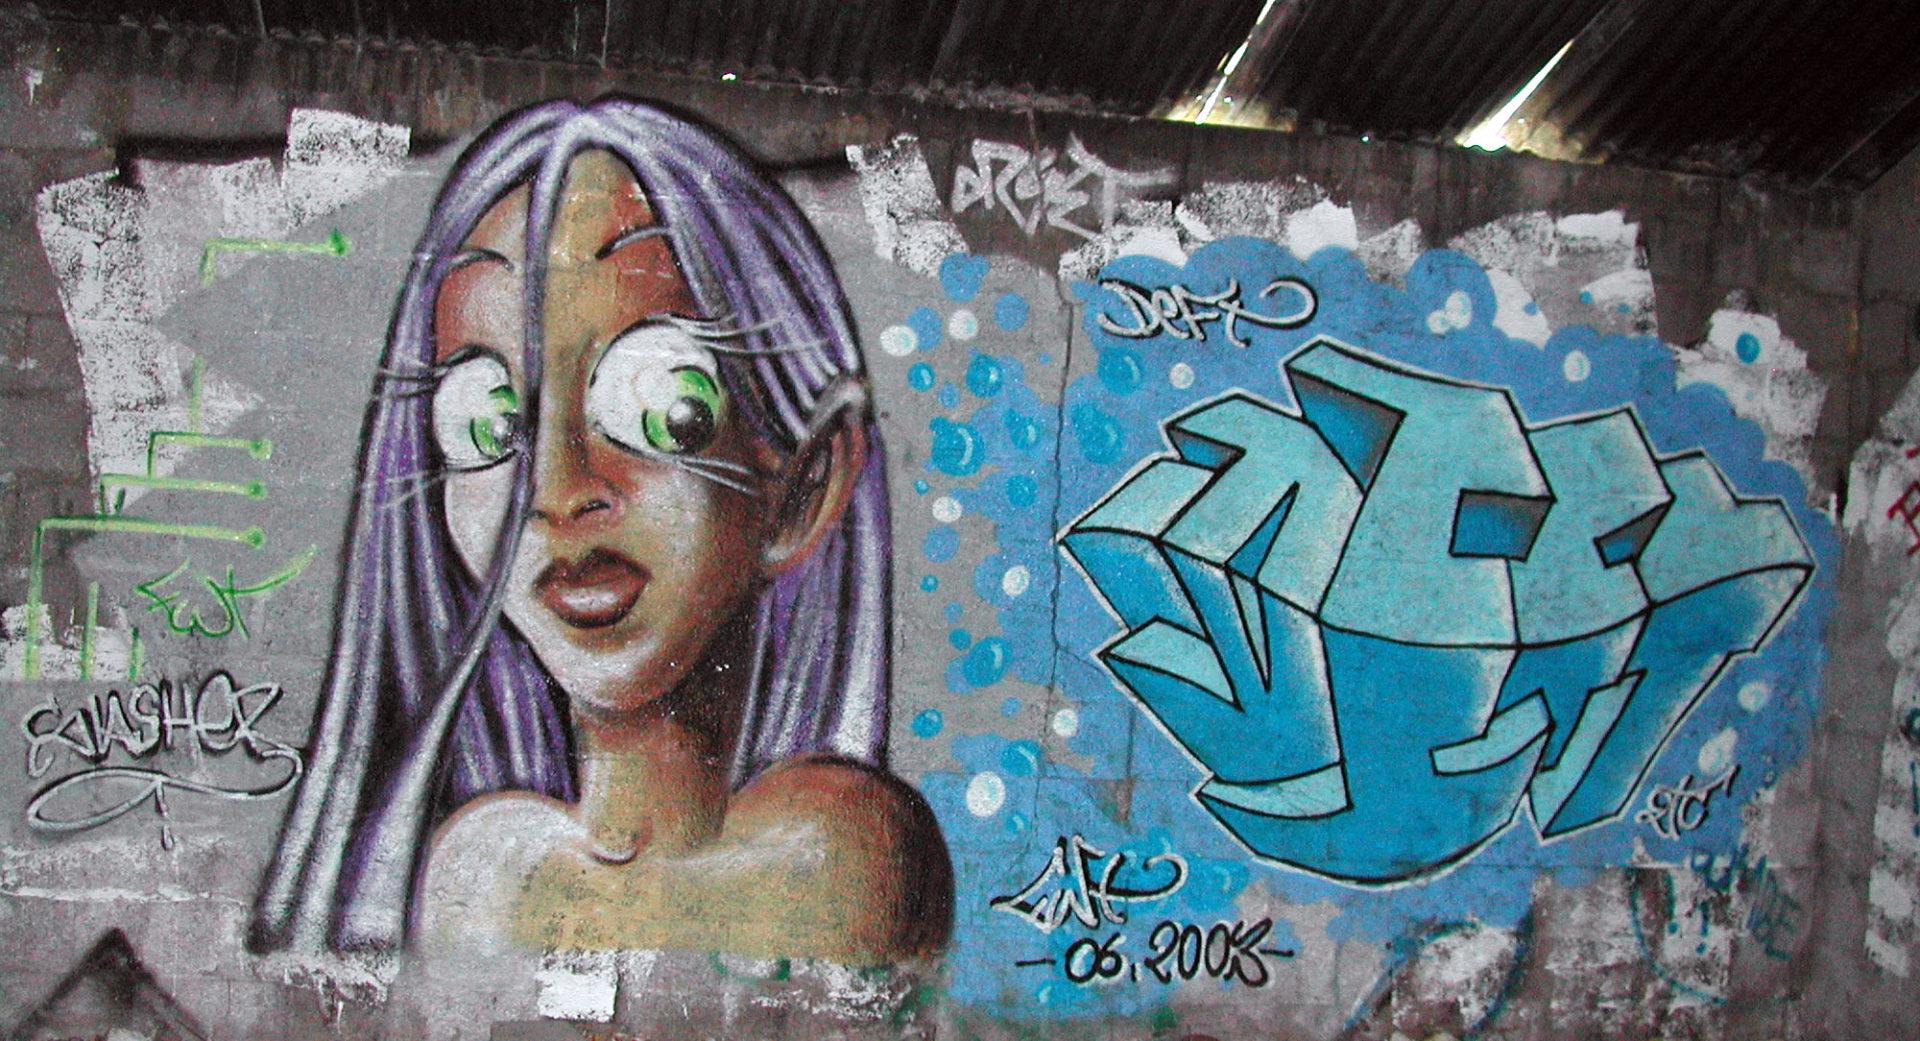 Slash & Deft - Graffiti